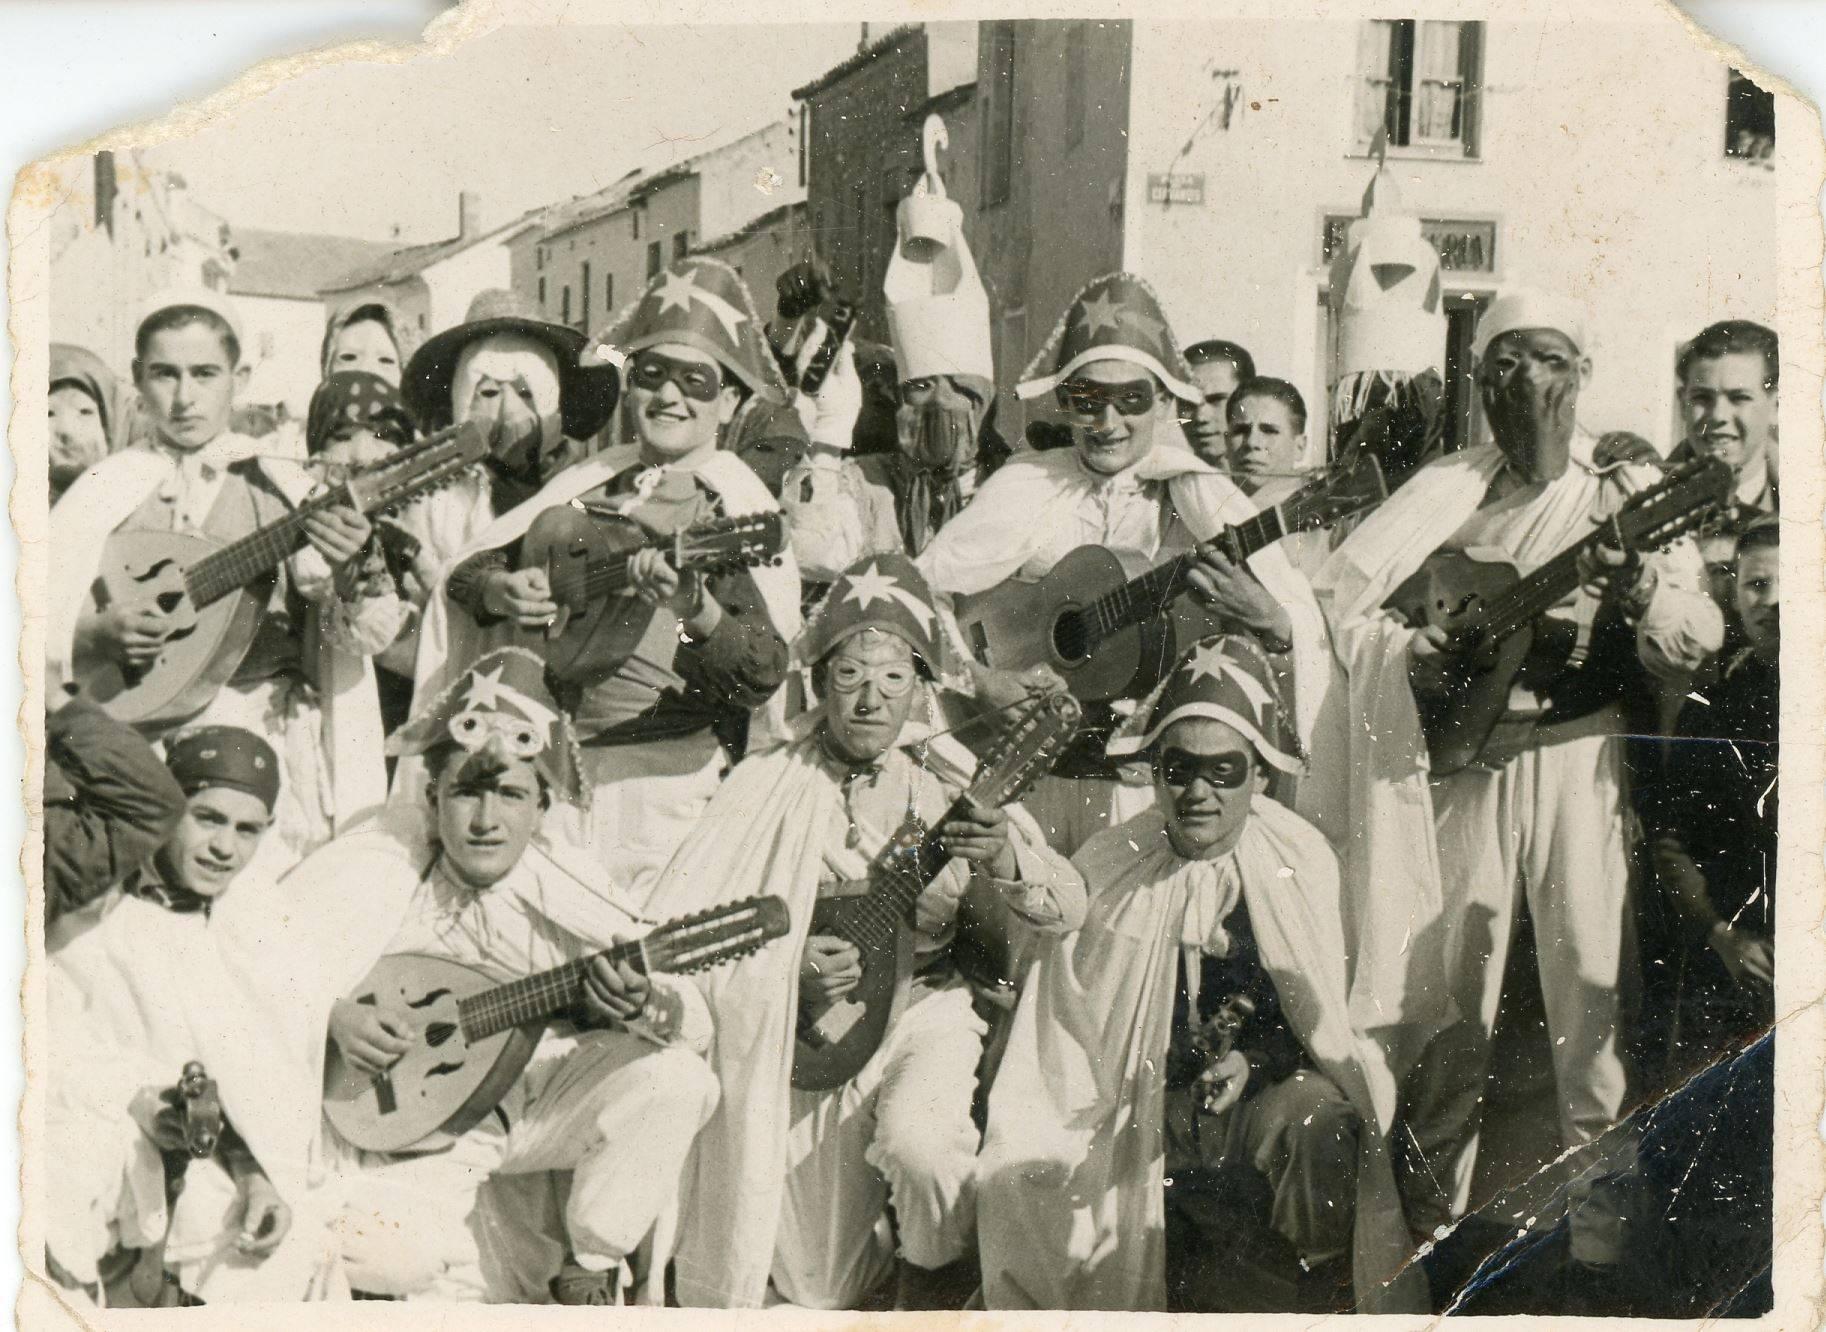 carnaval de herencia rondalla los litros decada 1950 - Más fotografías antiguas de Carnaval de Herencia